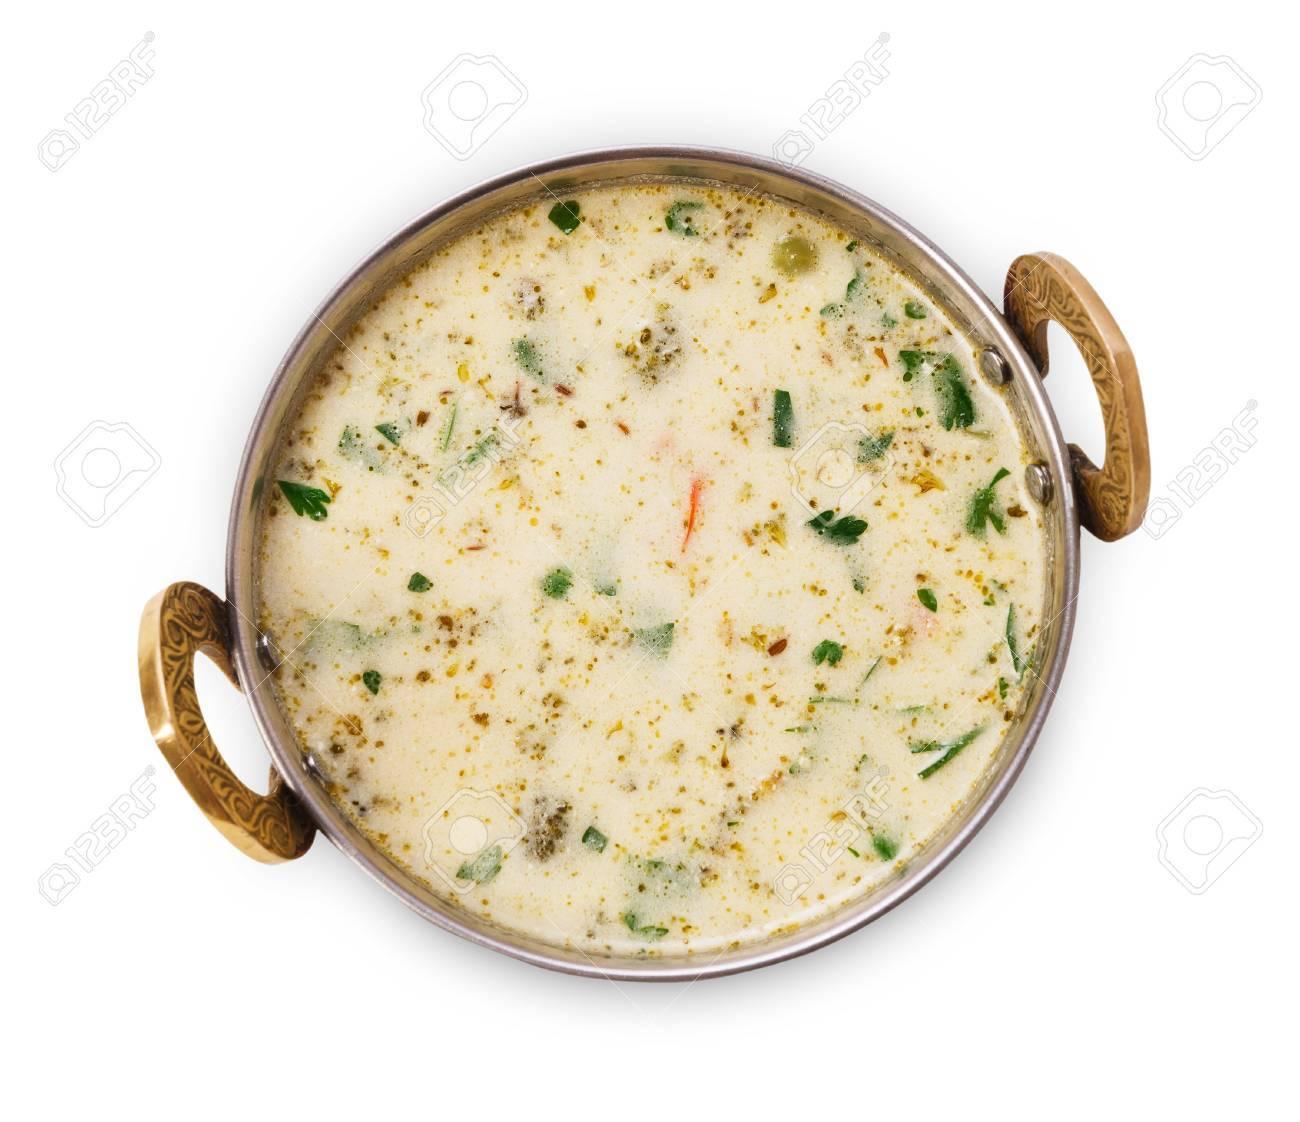 Plato Vegana Y Vegetariana, Yogur Verano Plato De Sopa Fría Salsa De ...